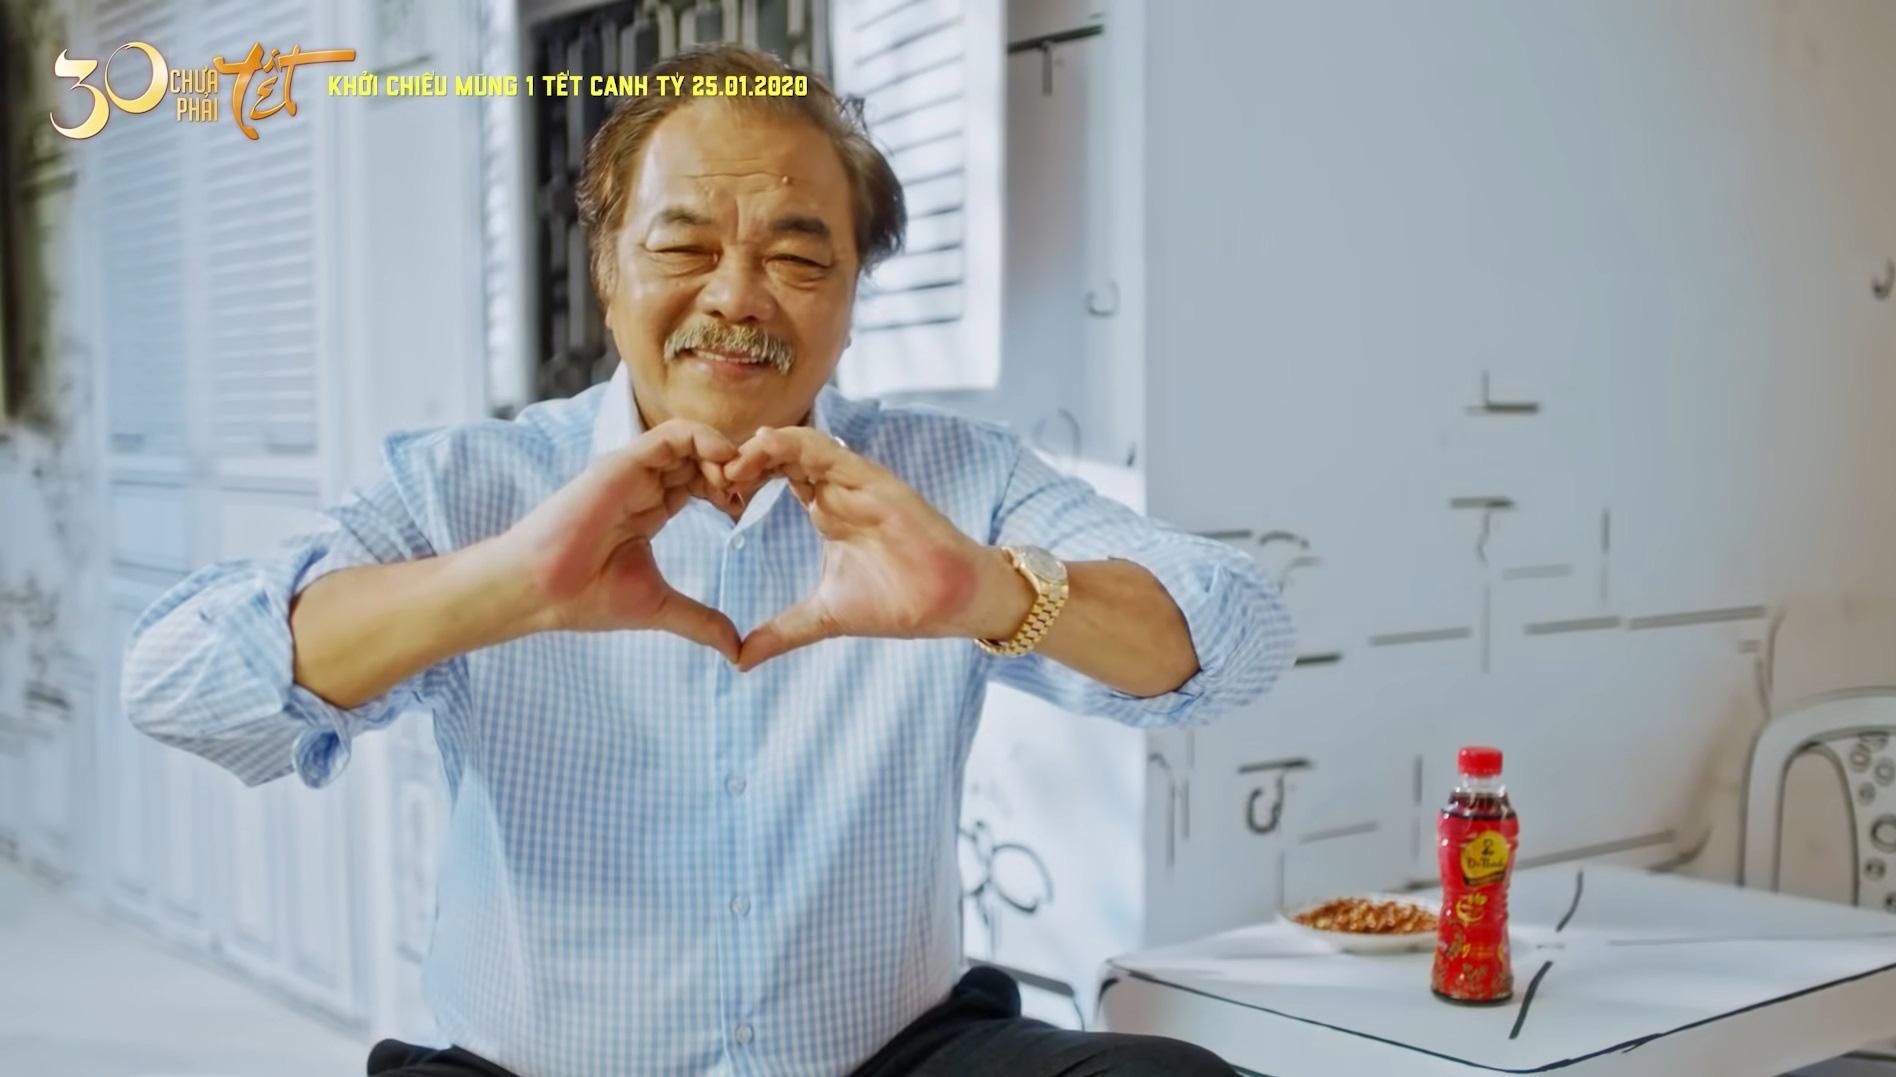 CEO Tân Hiệp Phát nhảy tưng bừng cùng dàn sao showbiz trong MV gây sốt Youtube - Ảnh 3.